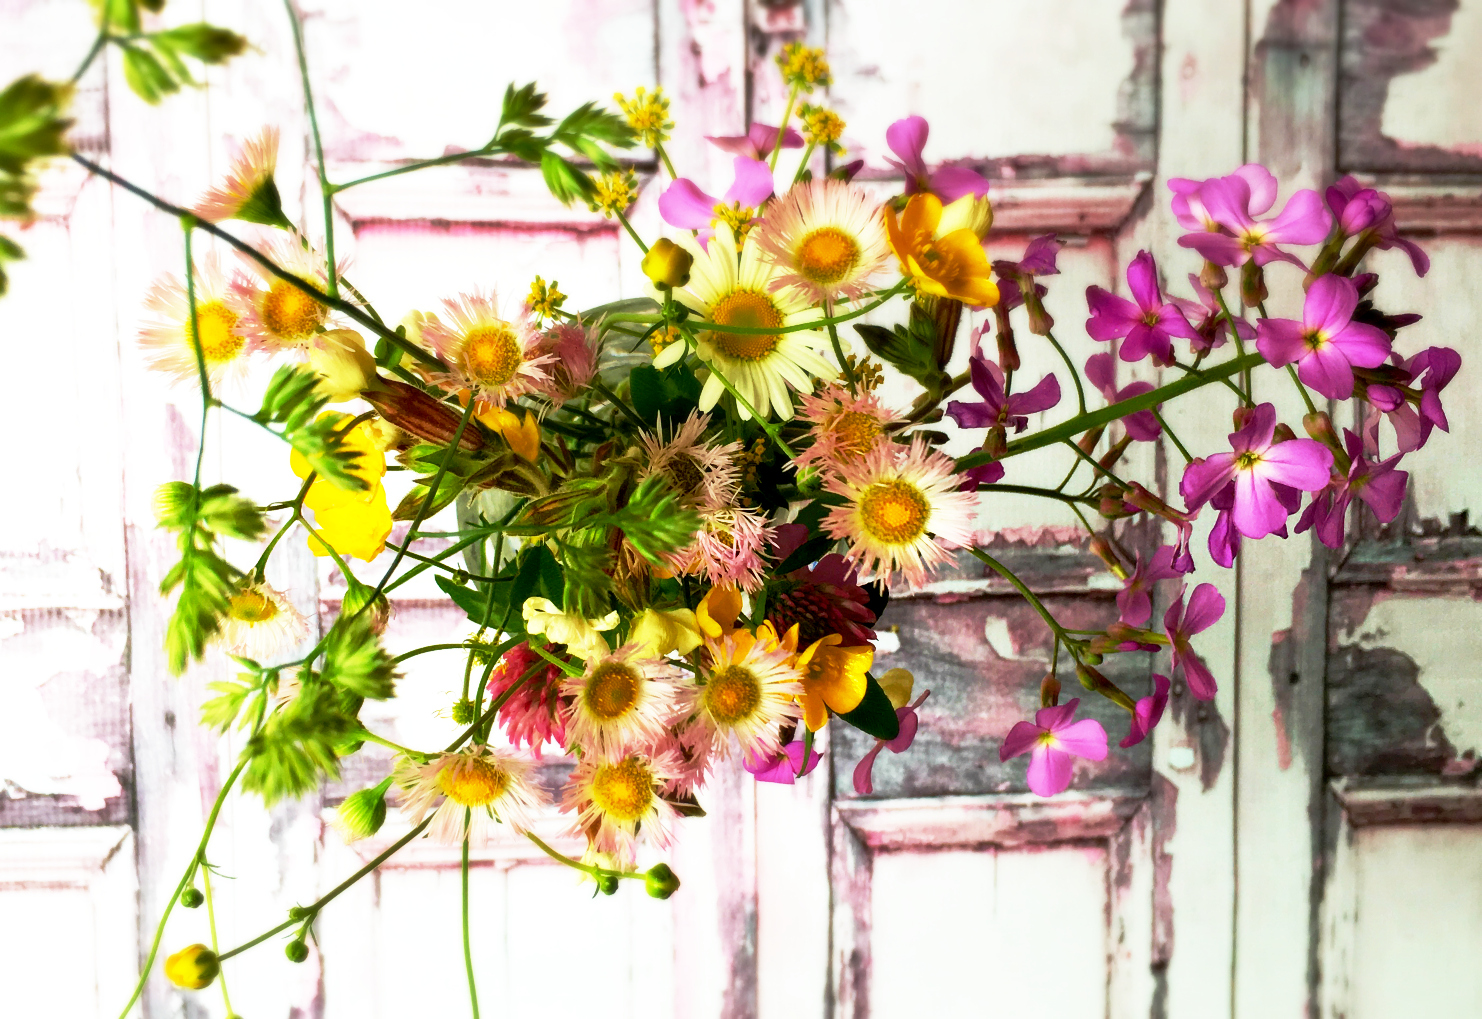 ©Wildflowers by Dena T Bray